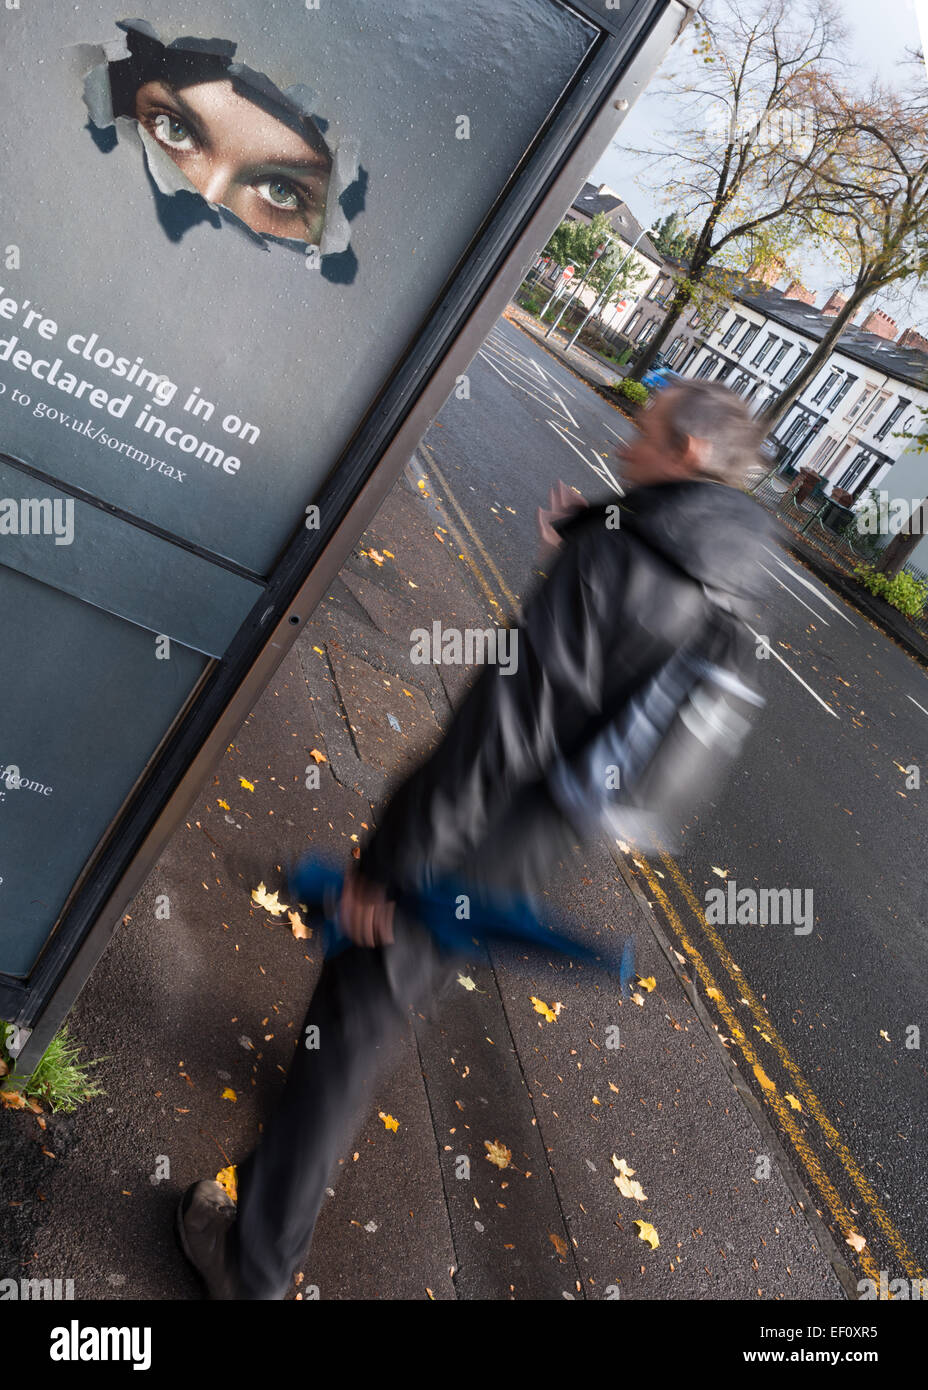 Un par de ojos vigilar de cerca las actividades de la calle desde un teléfono como paseos peatonales. Imagen De Stock